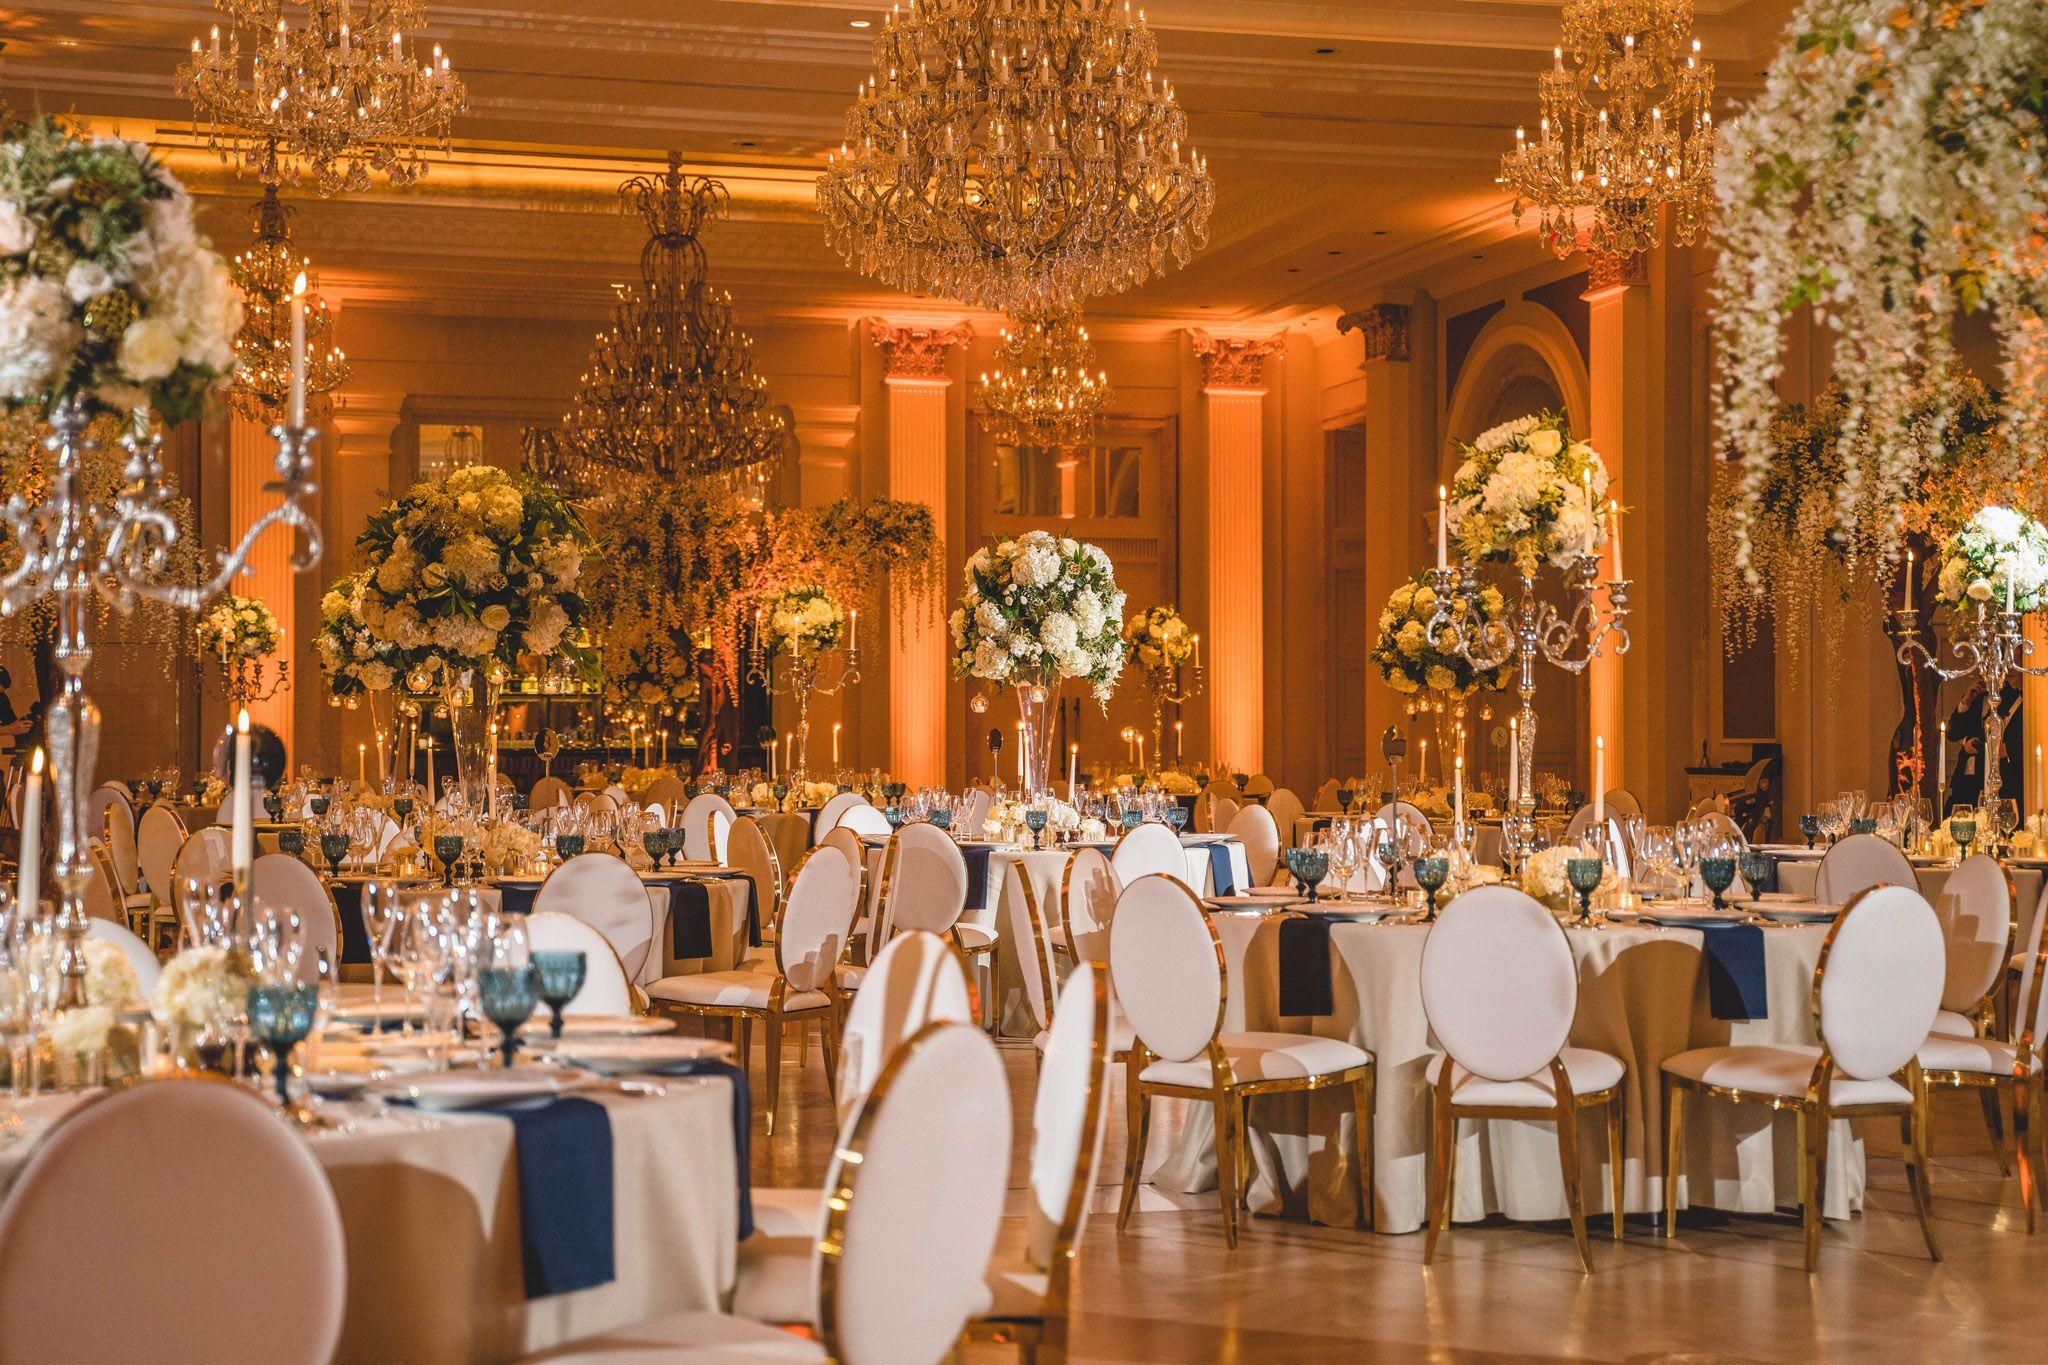 Adare Manor Wedding Photos, Ireland - venue decor in the ...